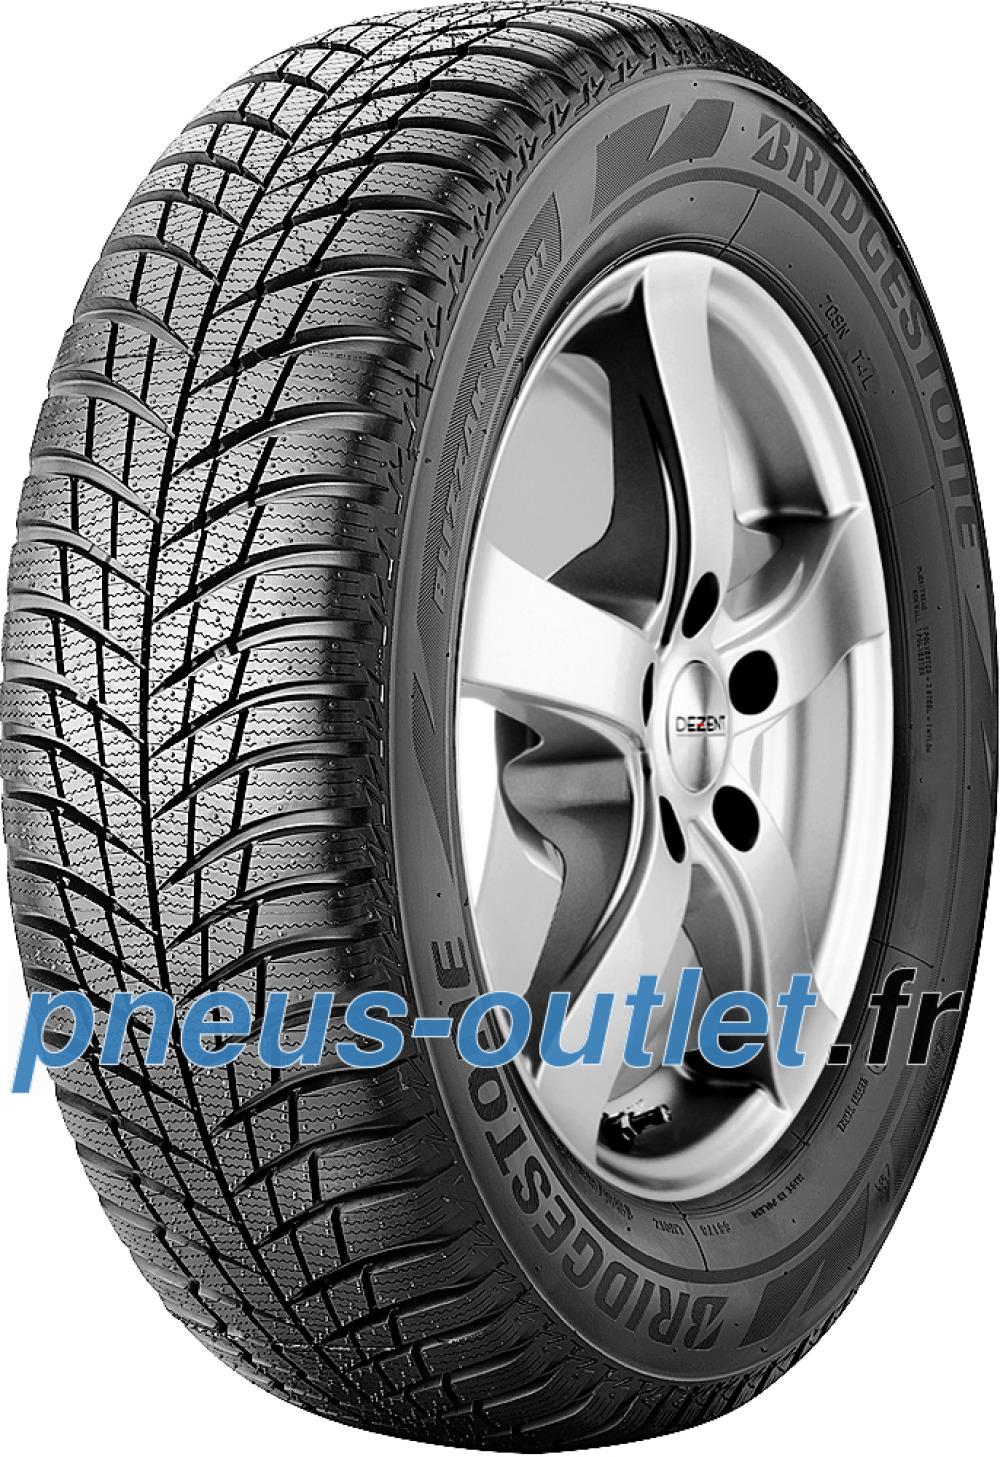 Bridgestone Blizzak LM 001 ( 225/50 R17 98V XL , avec protège-jante (MFS) )